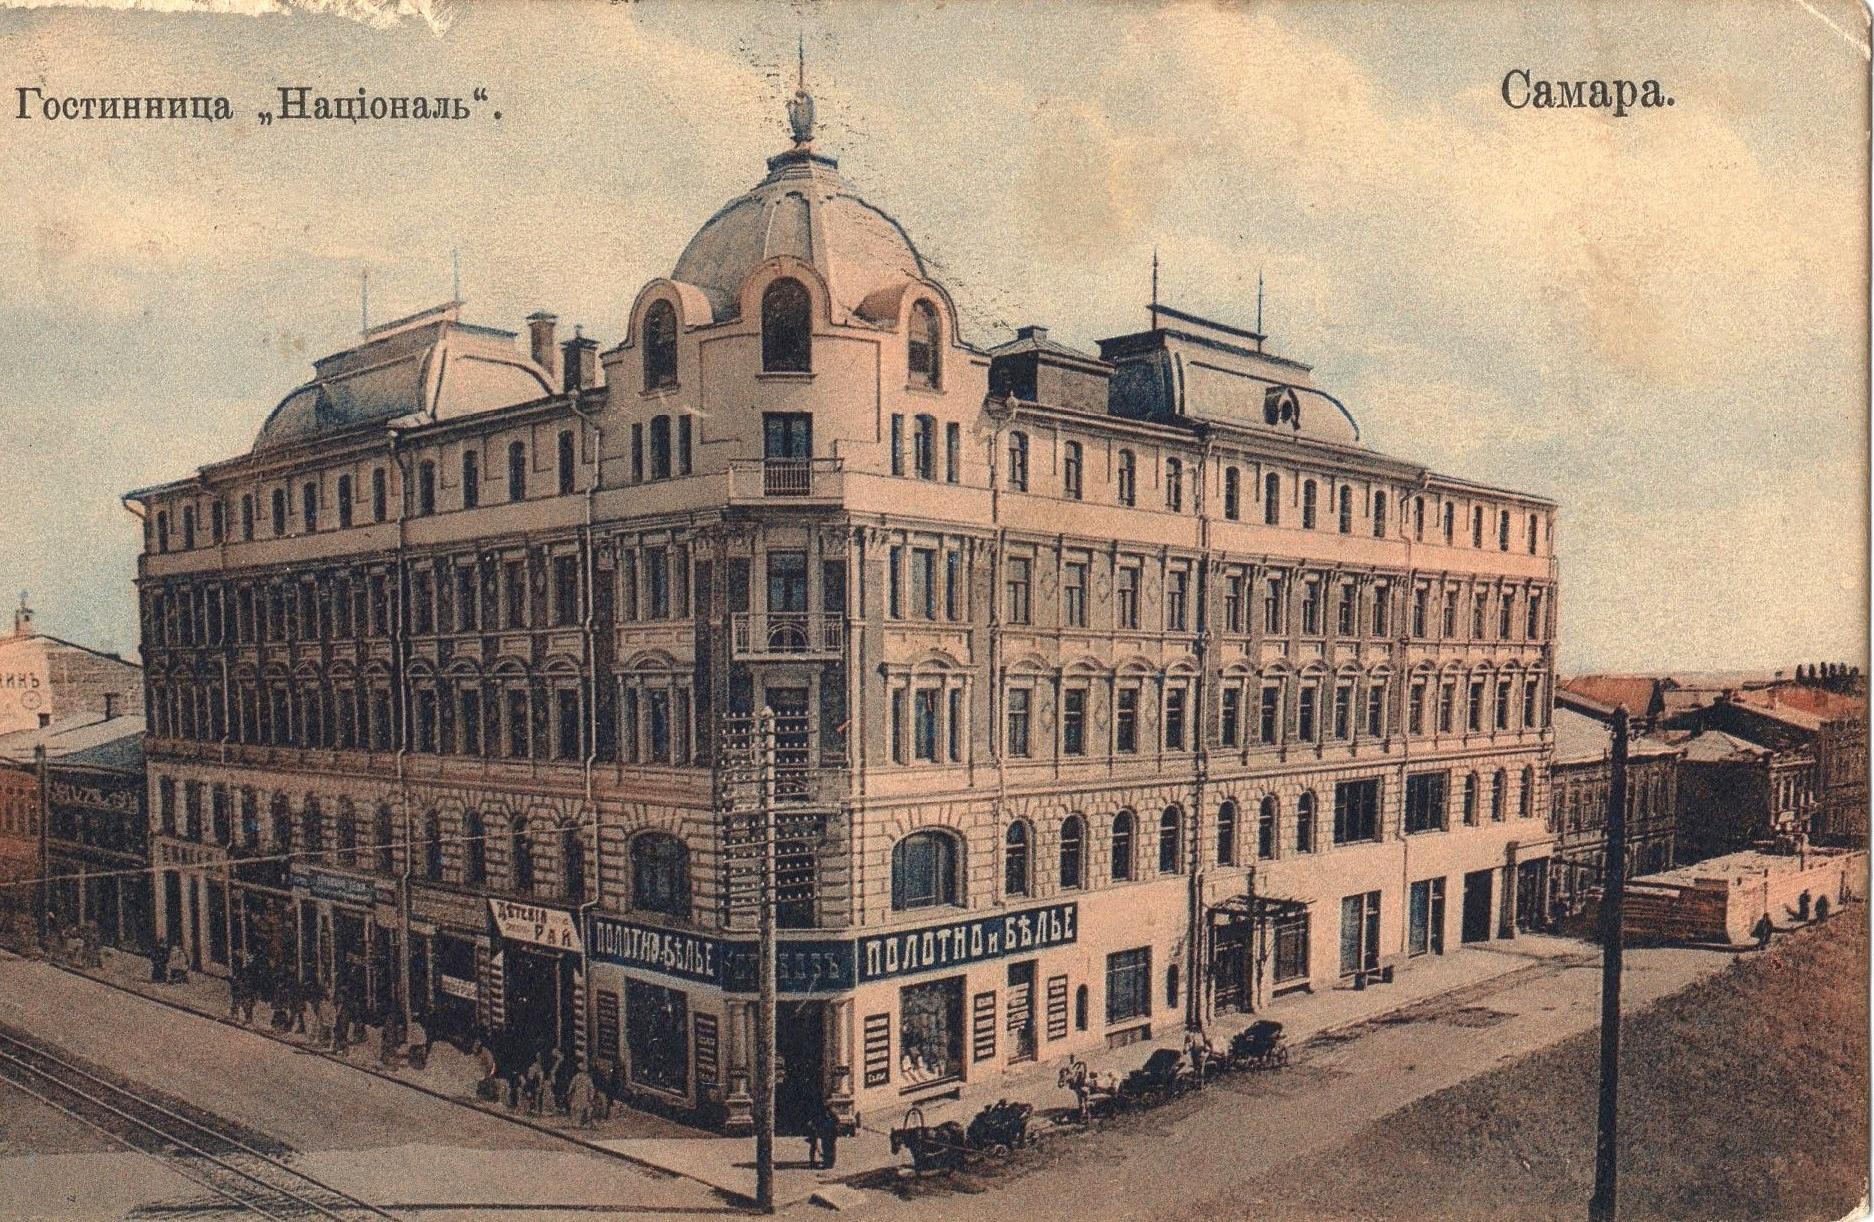 Гостиница Националь Самара